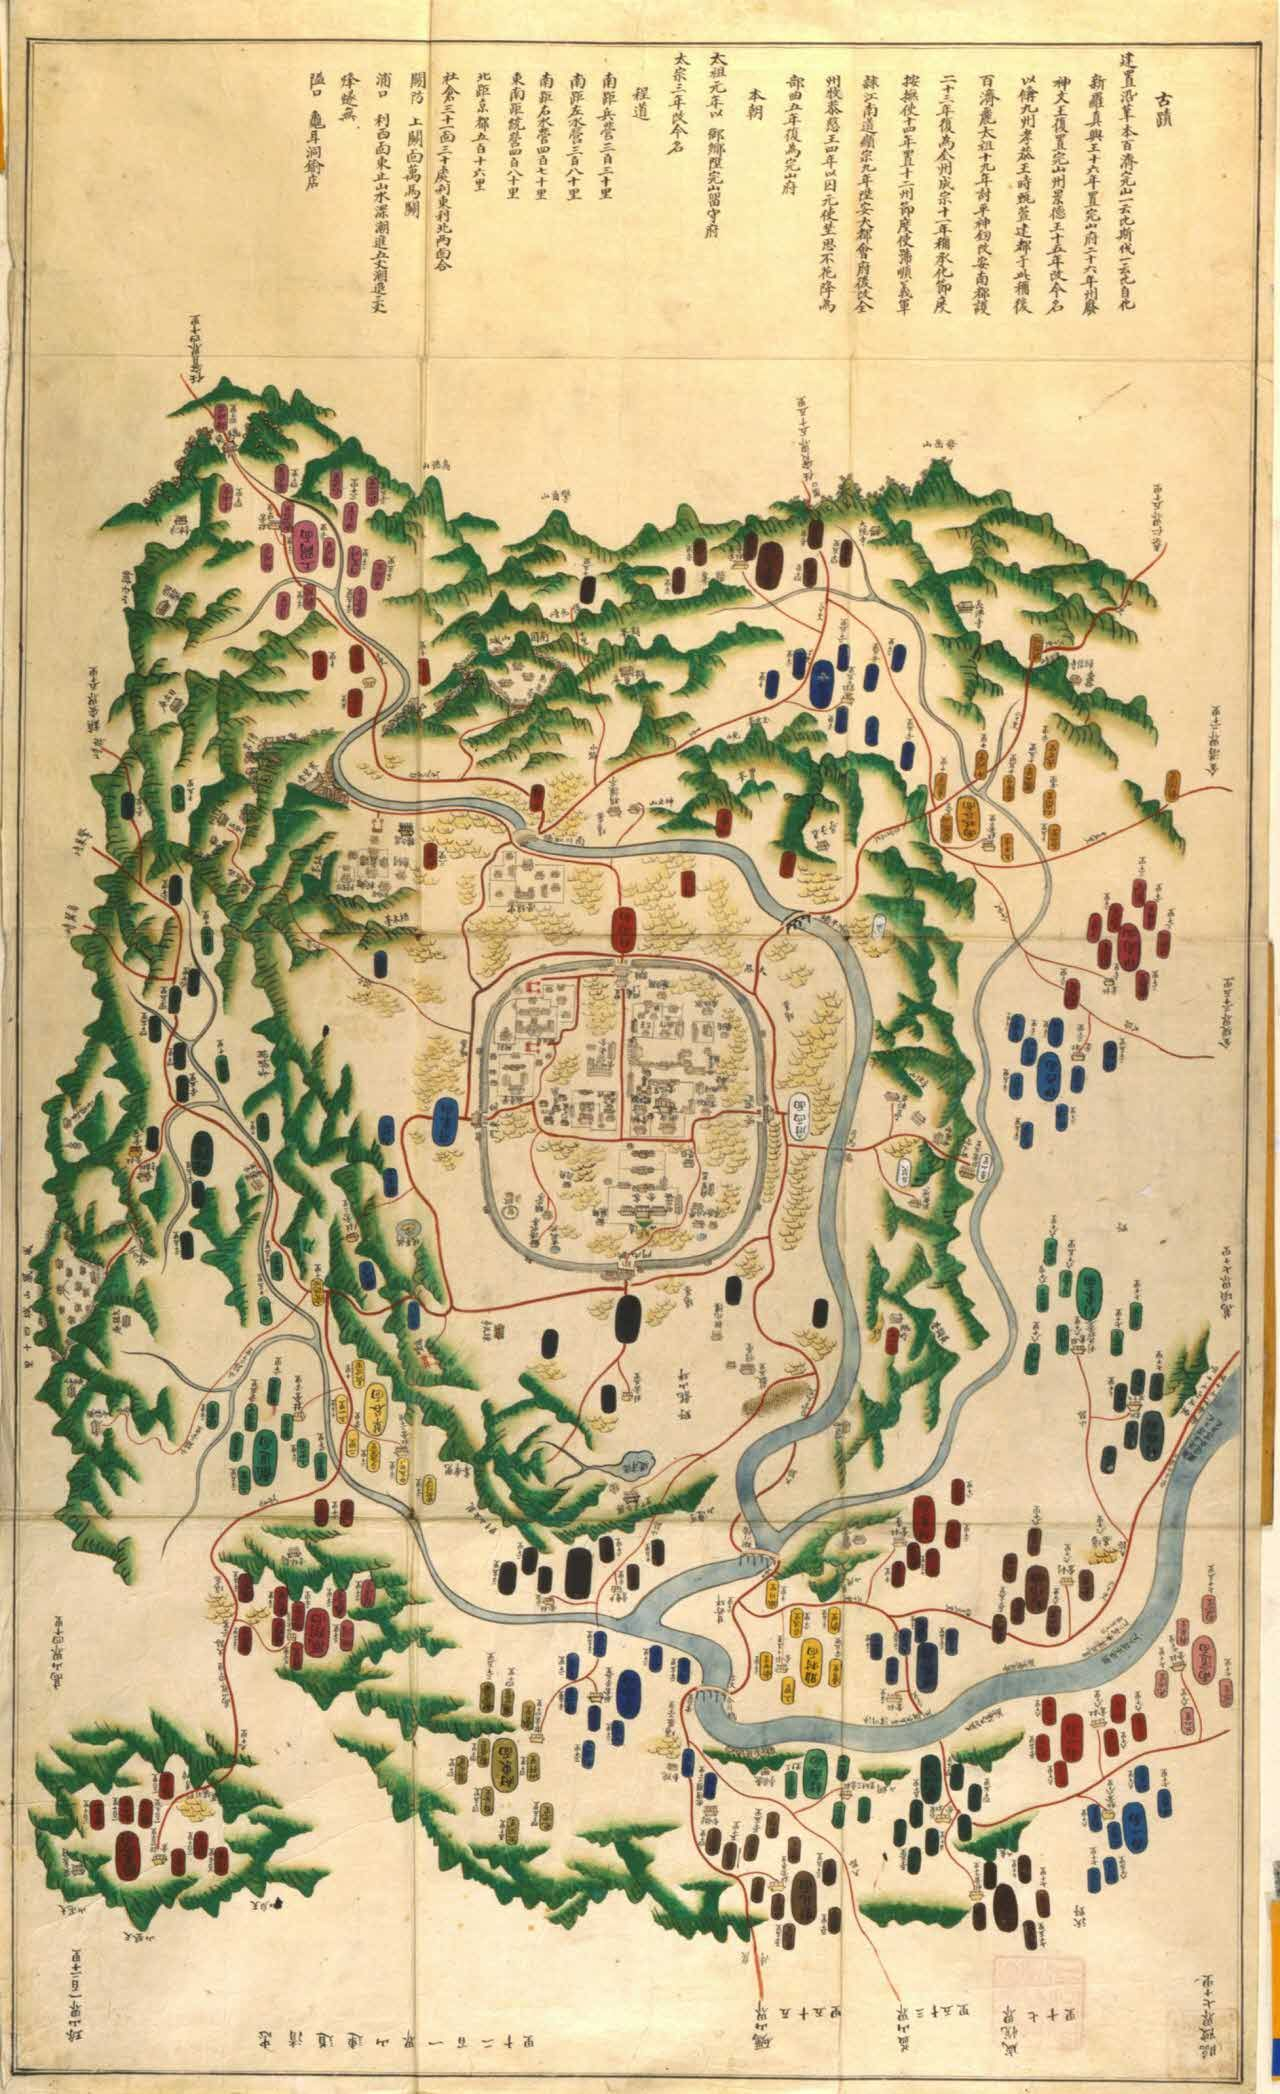 년지방지도규 전주지도 서울대학교 규장각 지리지 종합 - Jeongju map